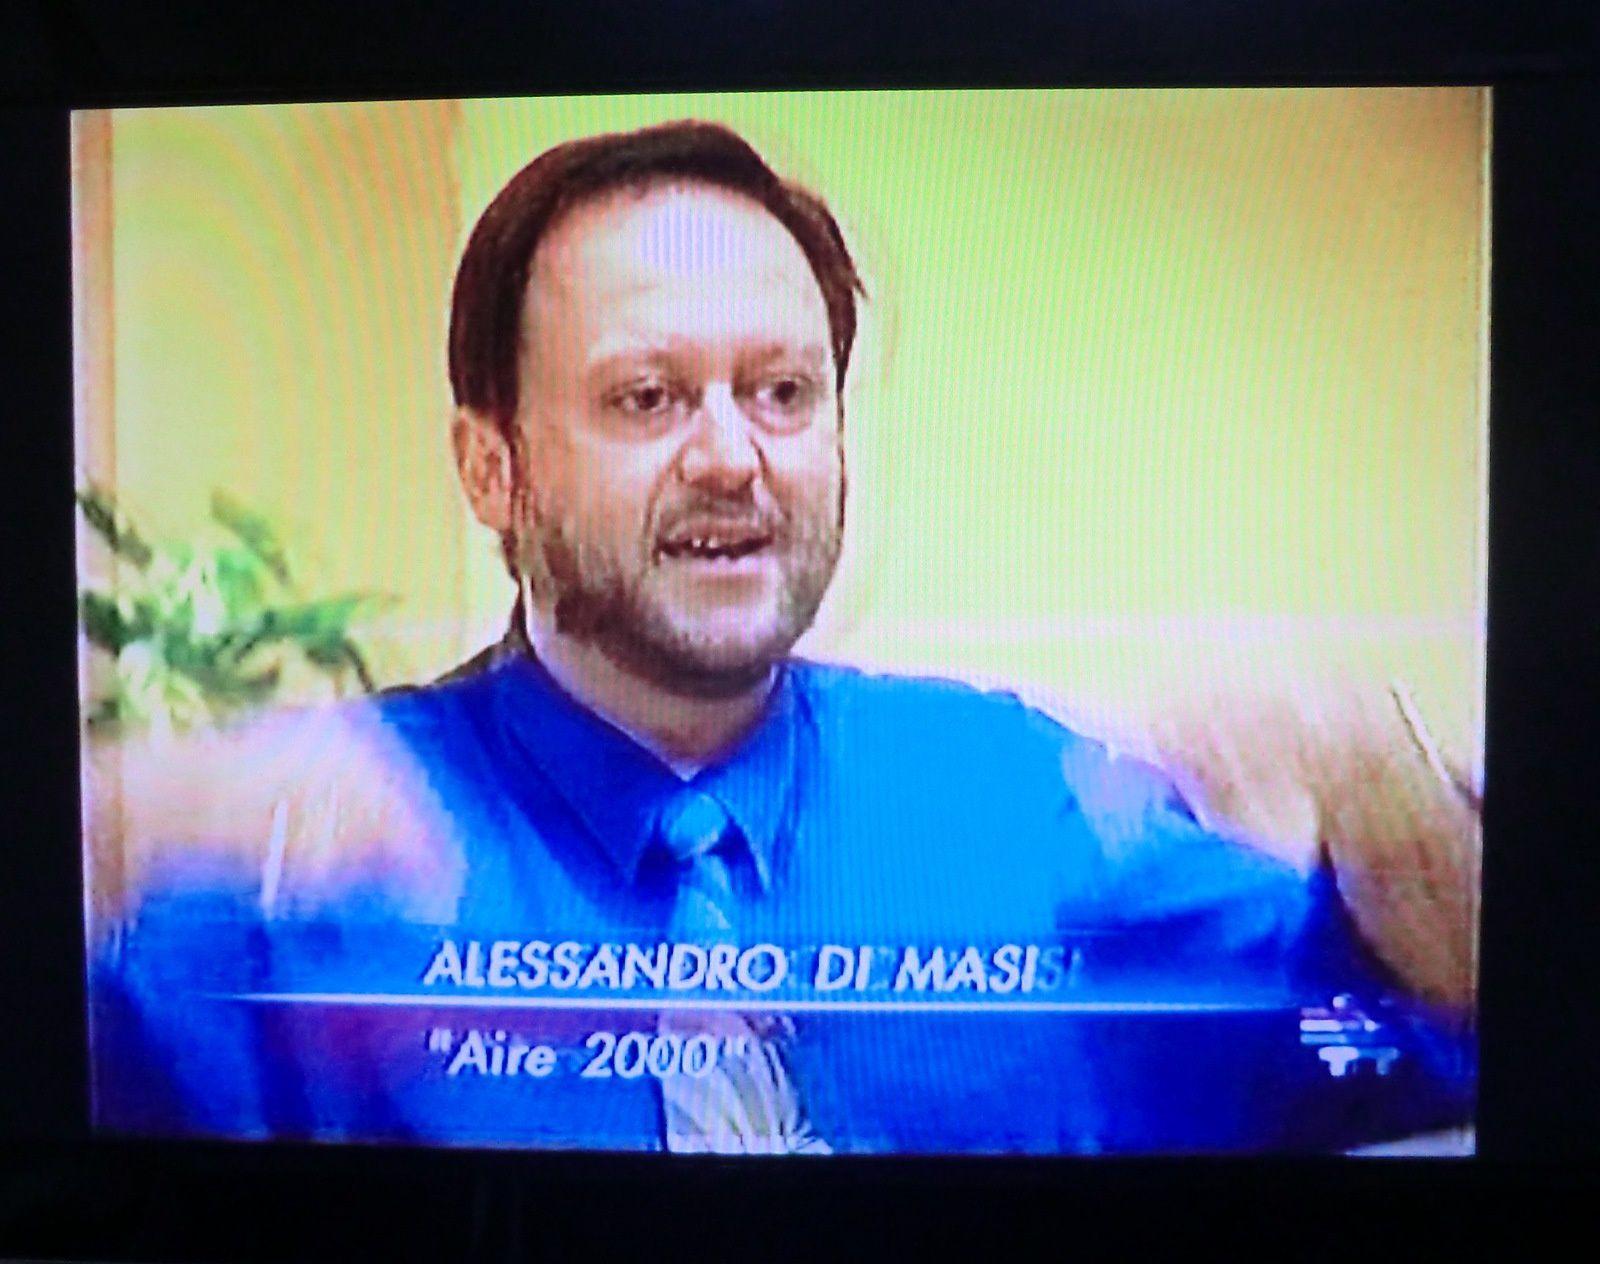 *SANERGIA,Alessandro di Masi y sus multiples engaños ocultos.